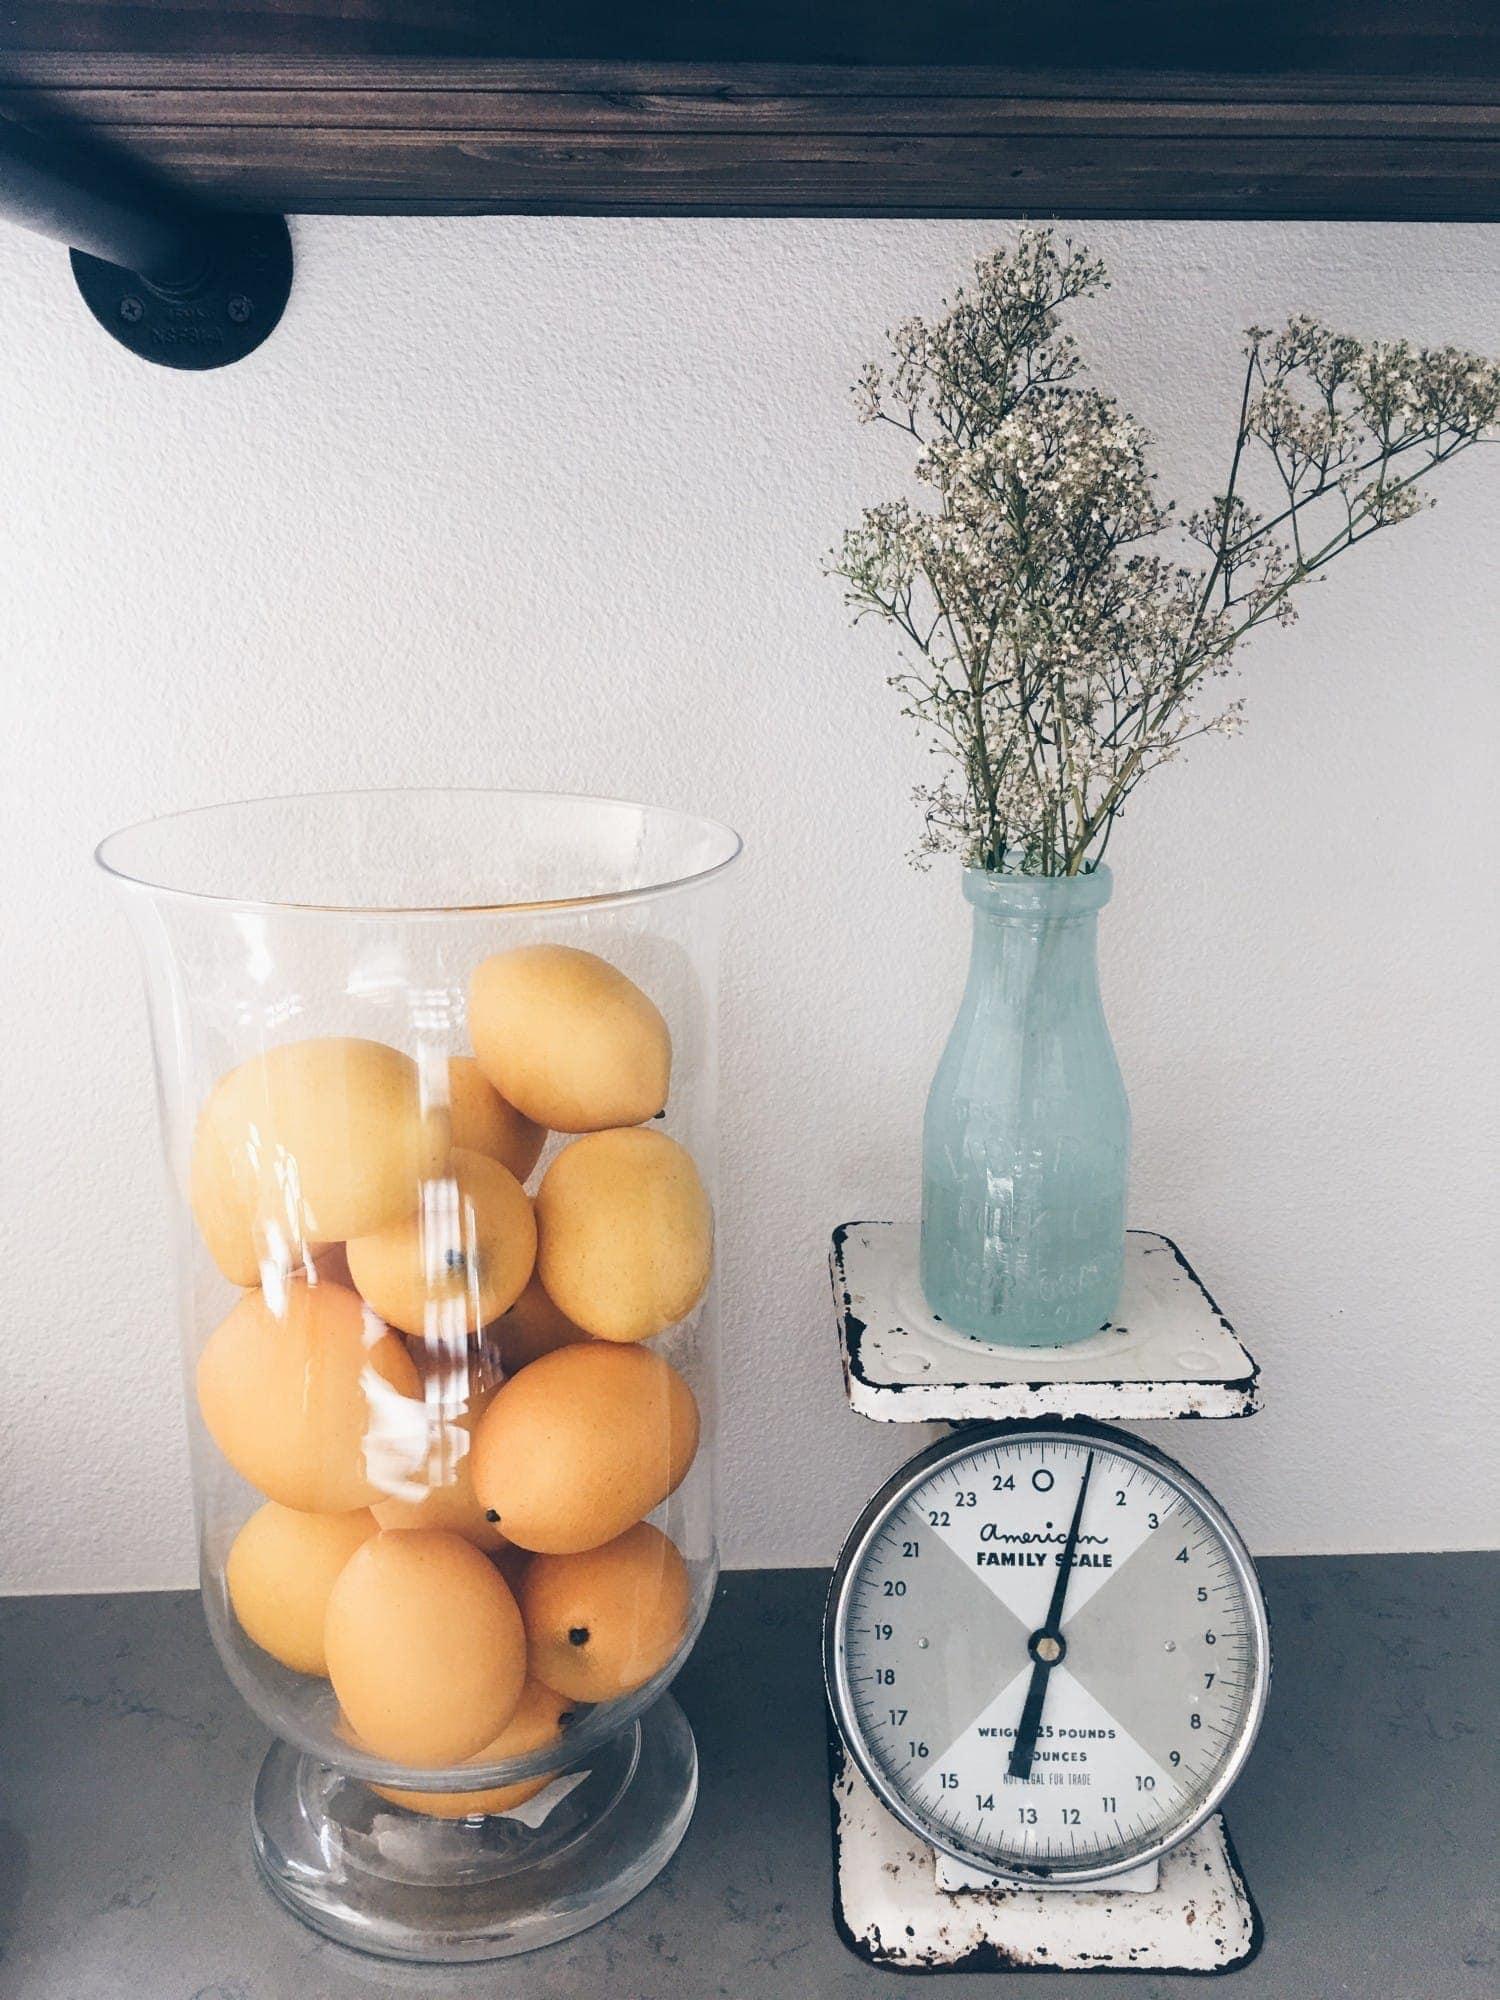 lemon in vase